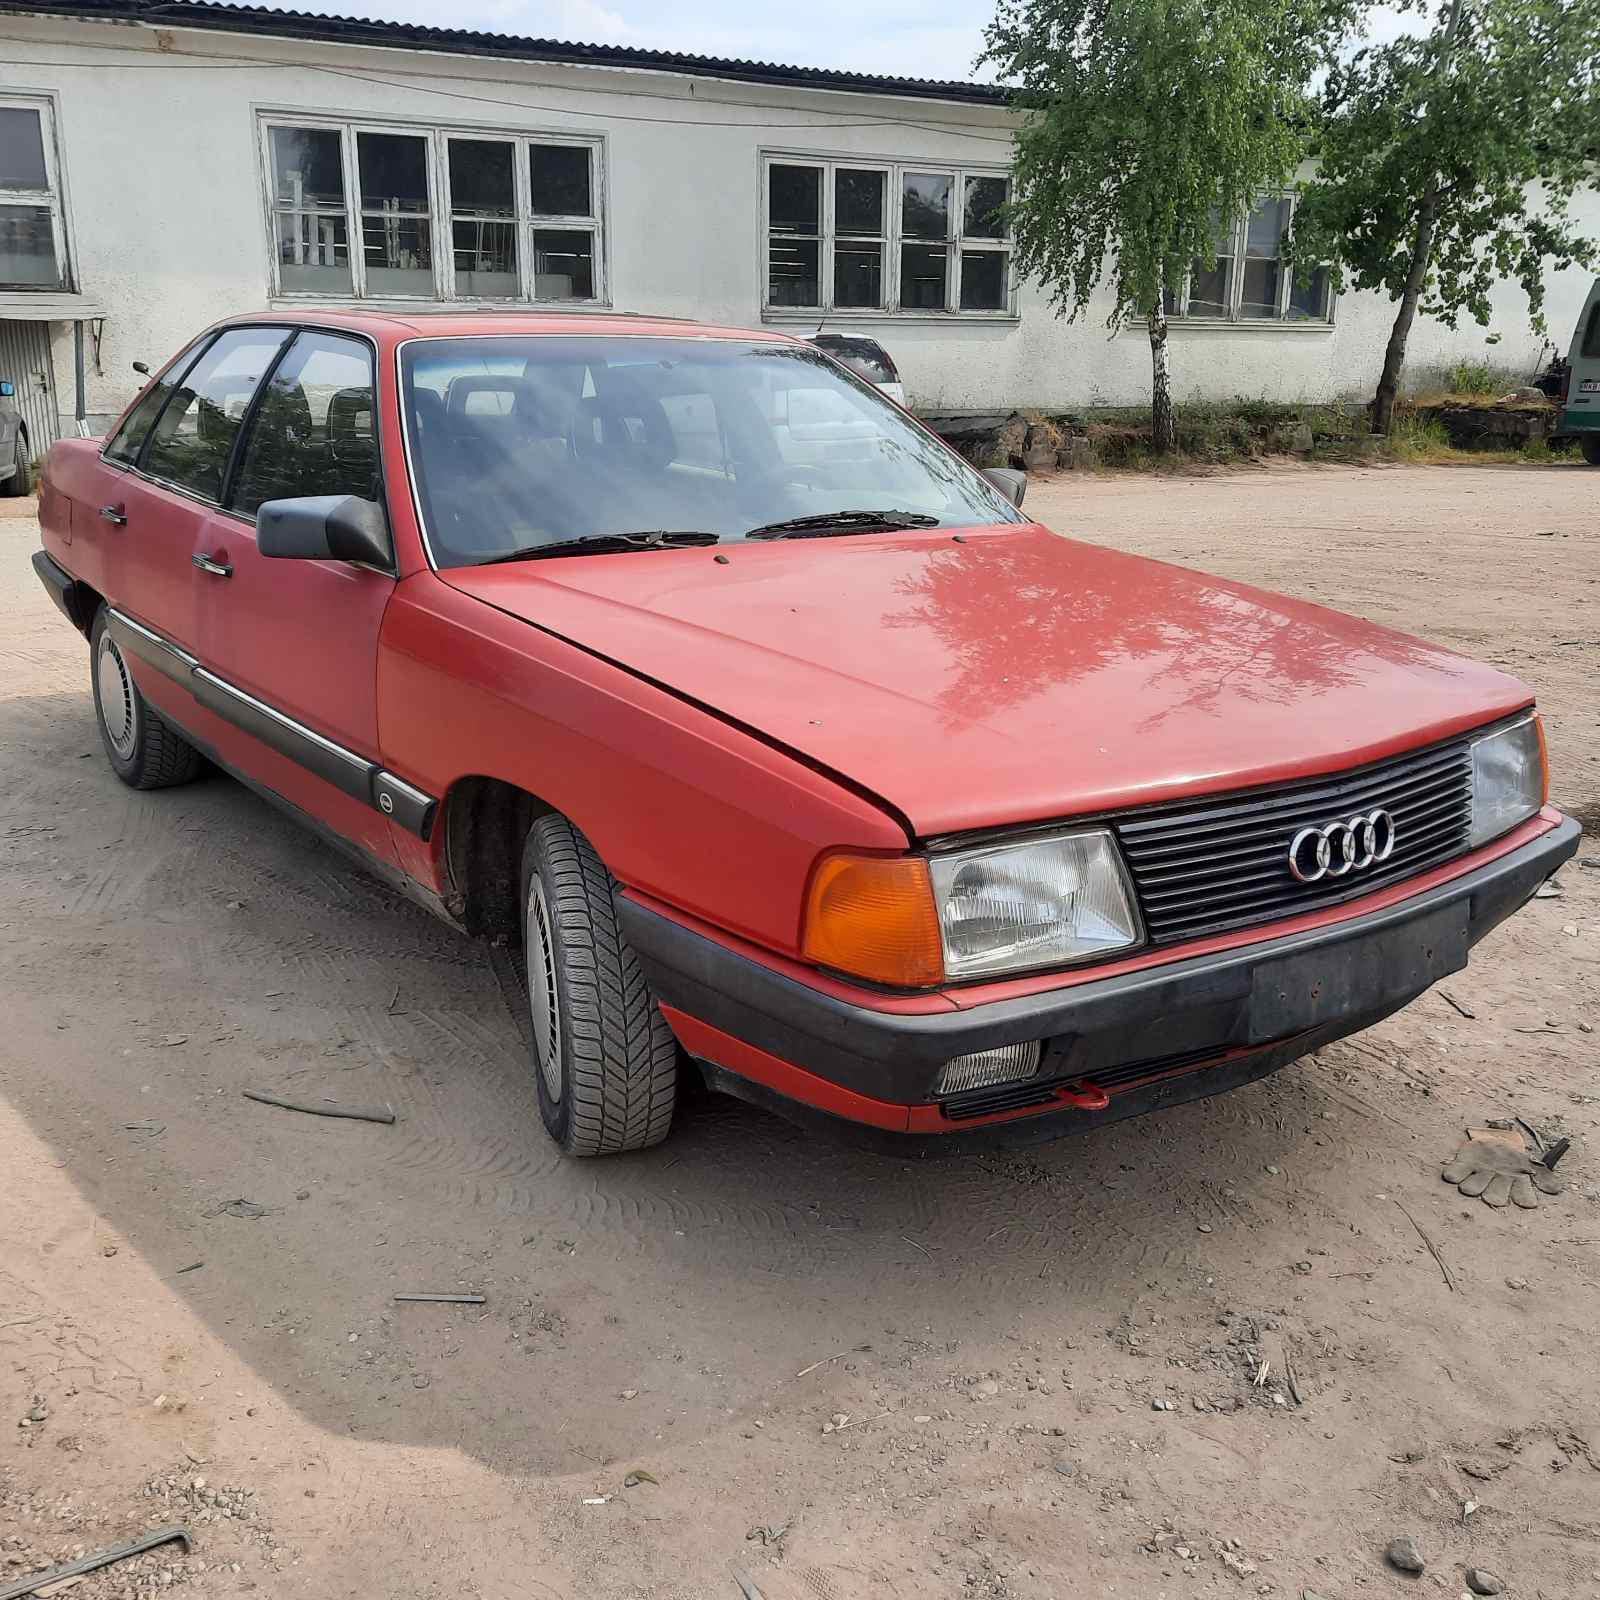 Подержанные Автозапчасти Audi 100 1987 2.2 машиностроение седан 4/5 d. красный 2021-7-26